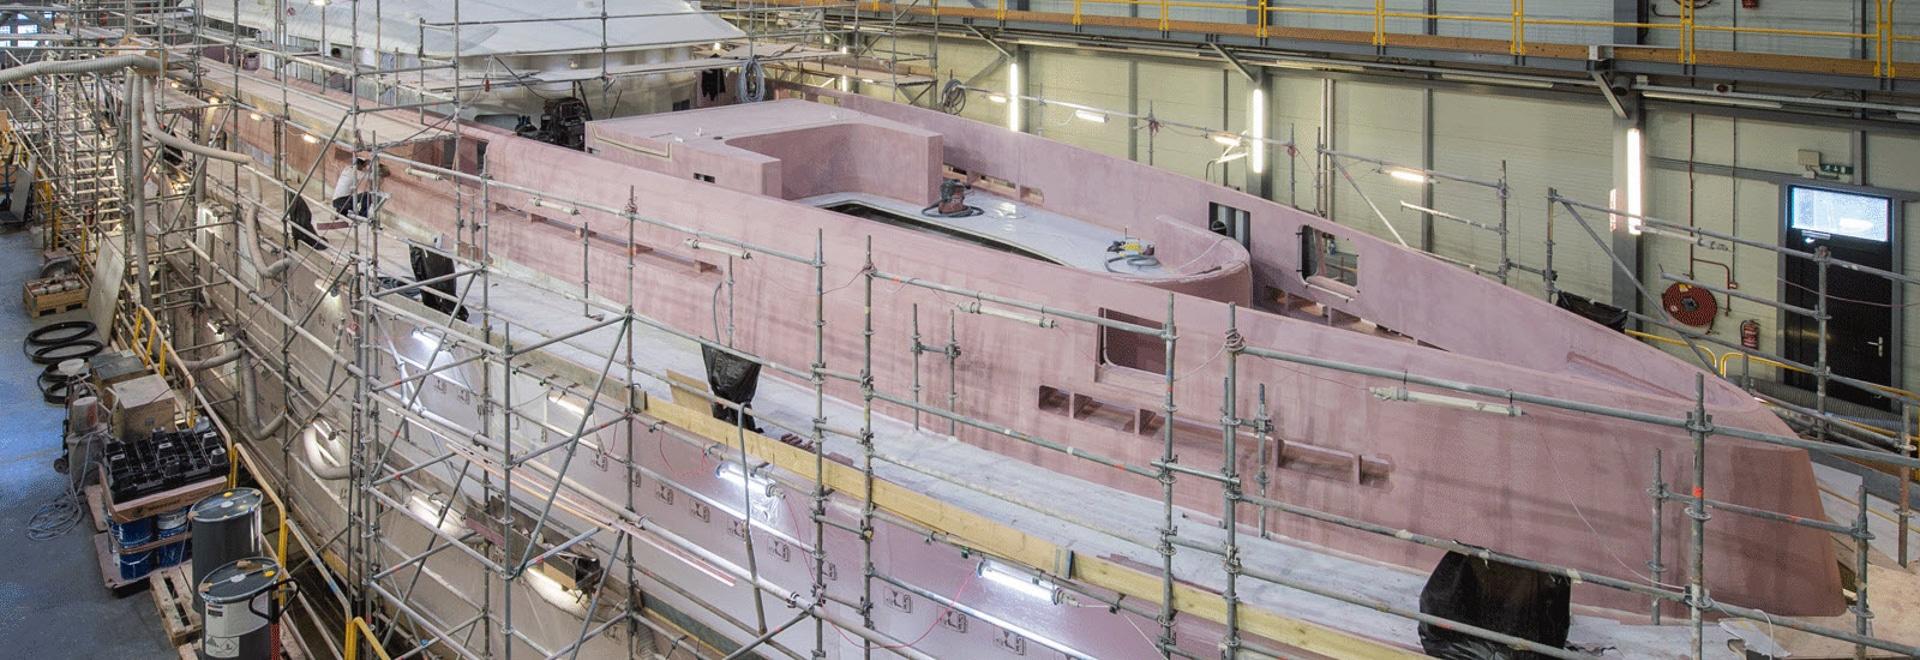 Im Inneren Heesen's In-Build Superyacht Projekt Altea